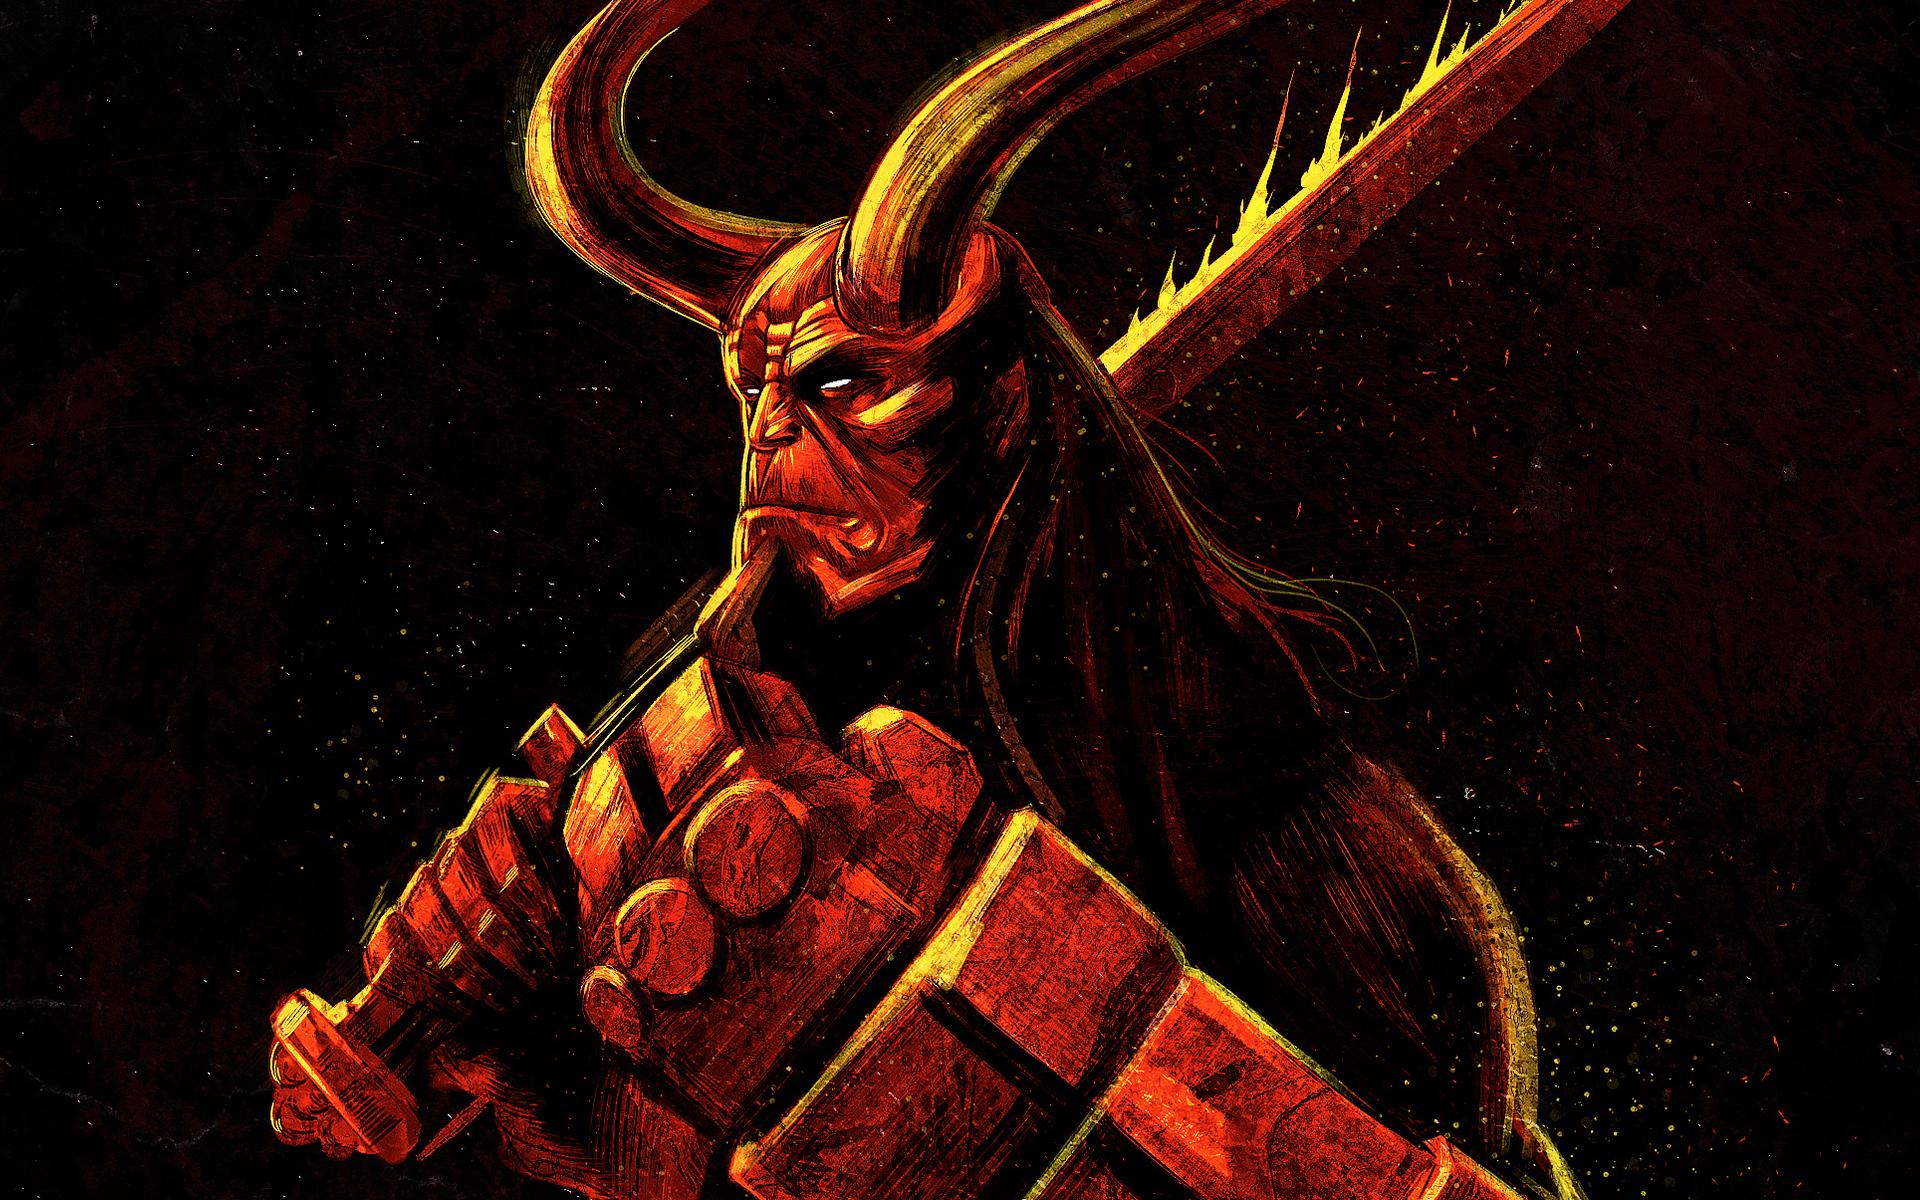 hellboy-new-digital-artwork-w1.jpg